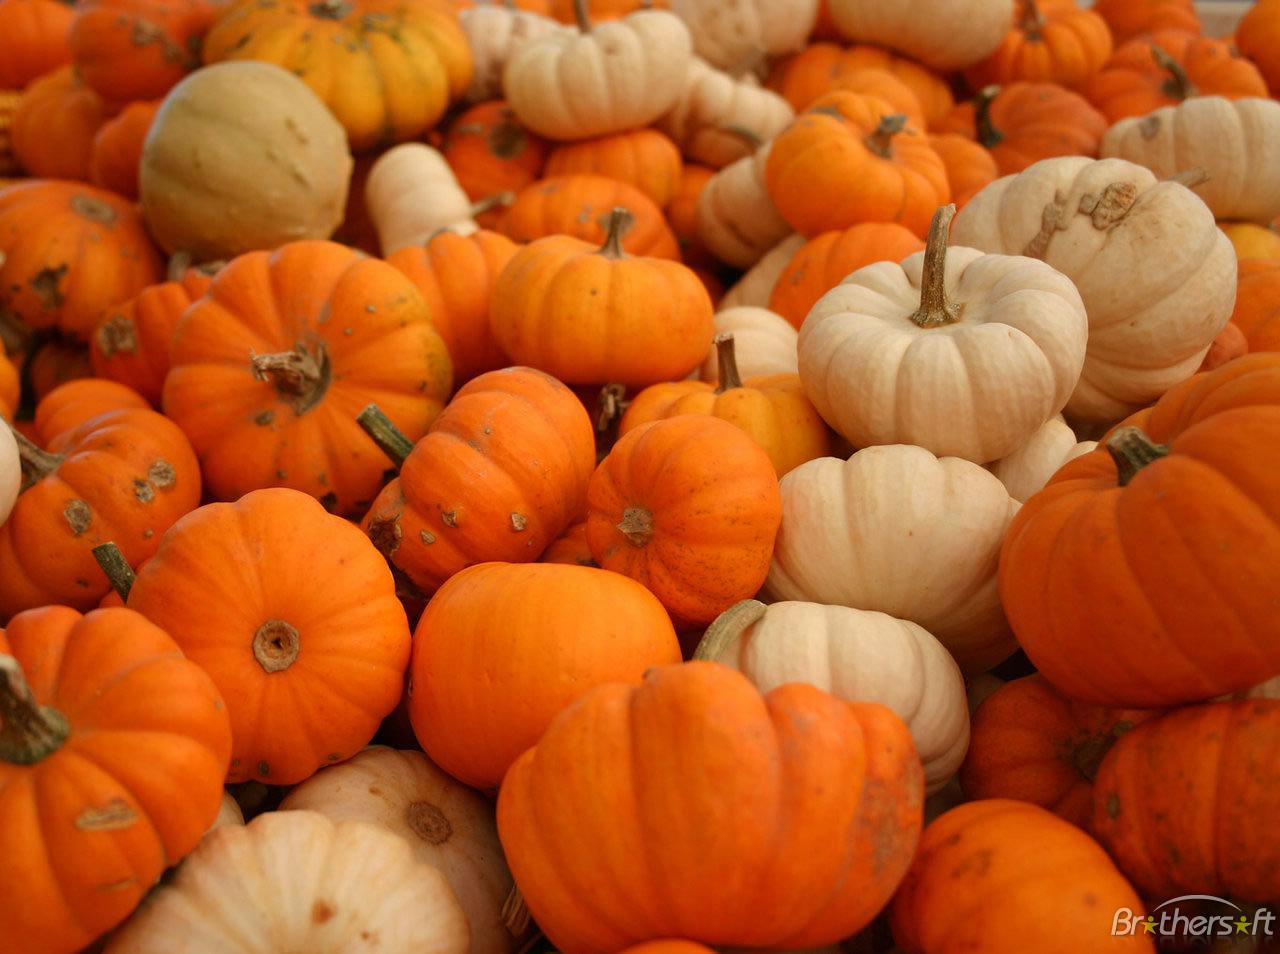 of Pumpkins Wallpaper Plenty of Pumpkins Wallpaper Download 1280x954